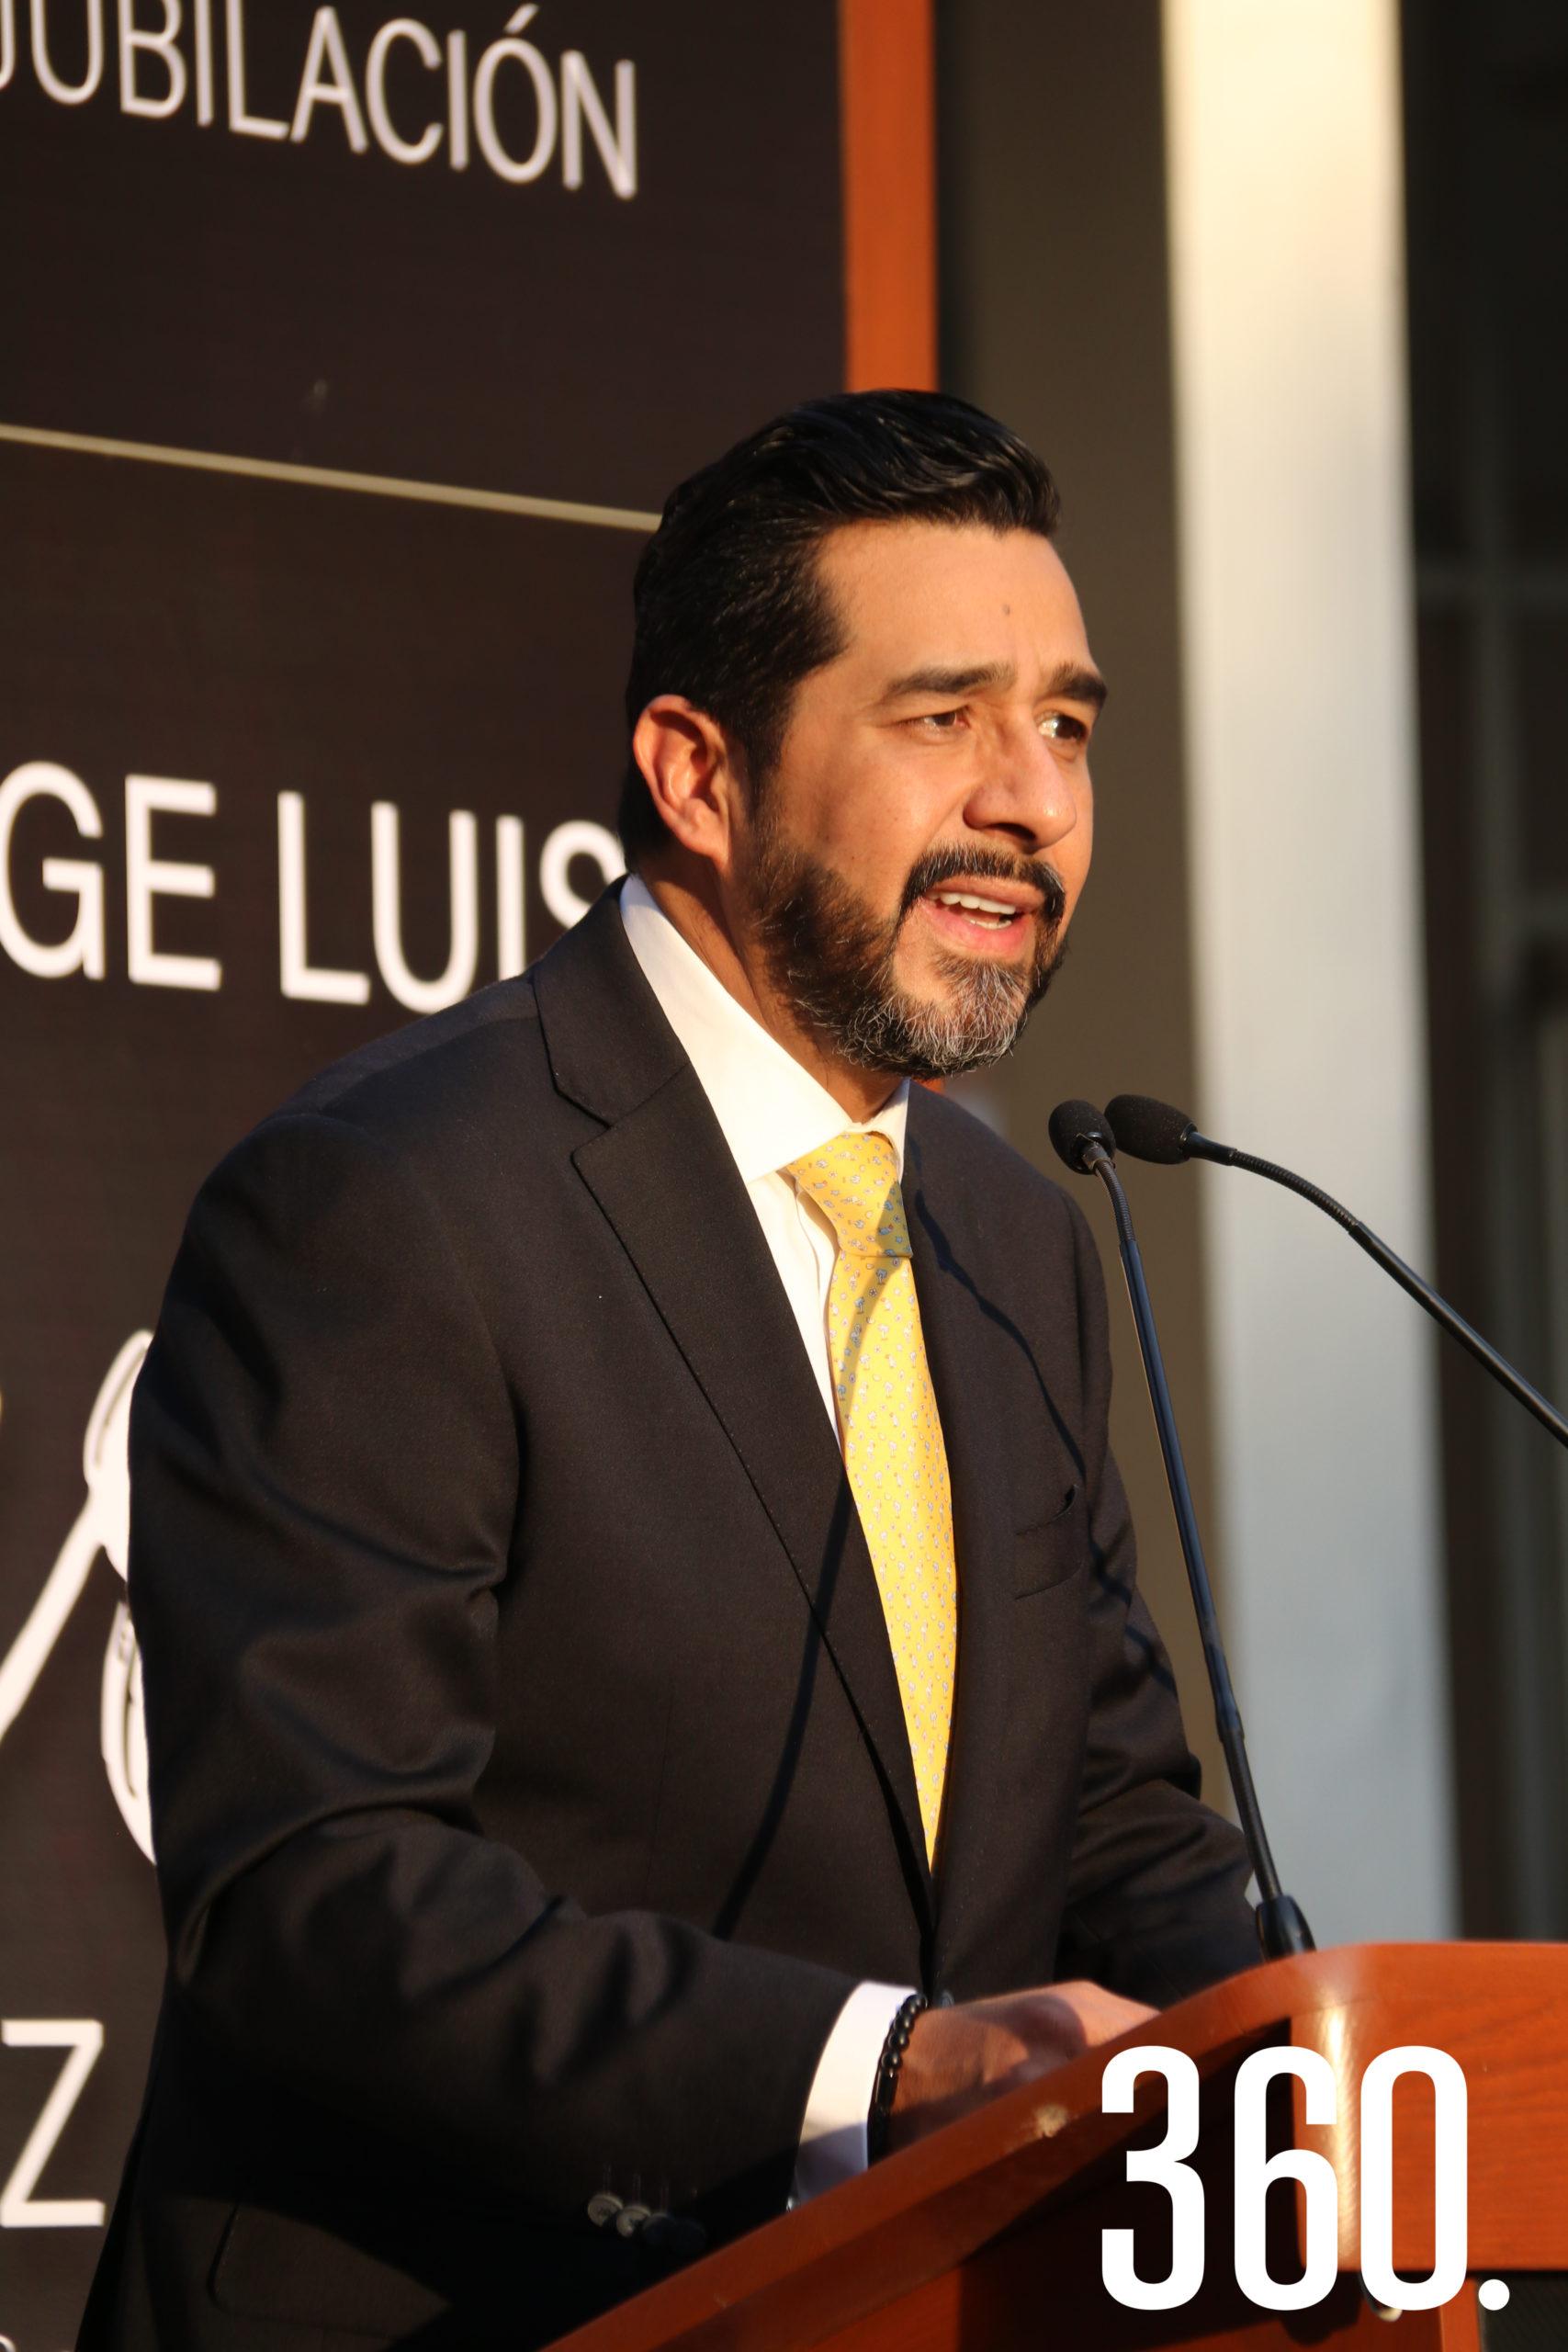 Iván Garza García compartió la semblanza de Jorge Luis Chávez.